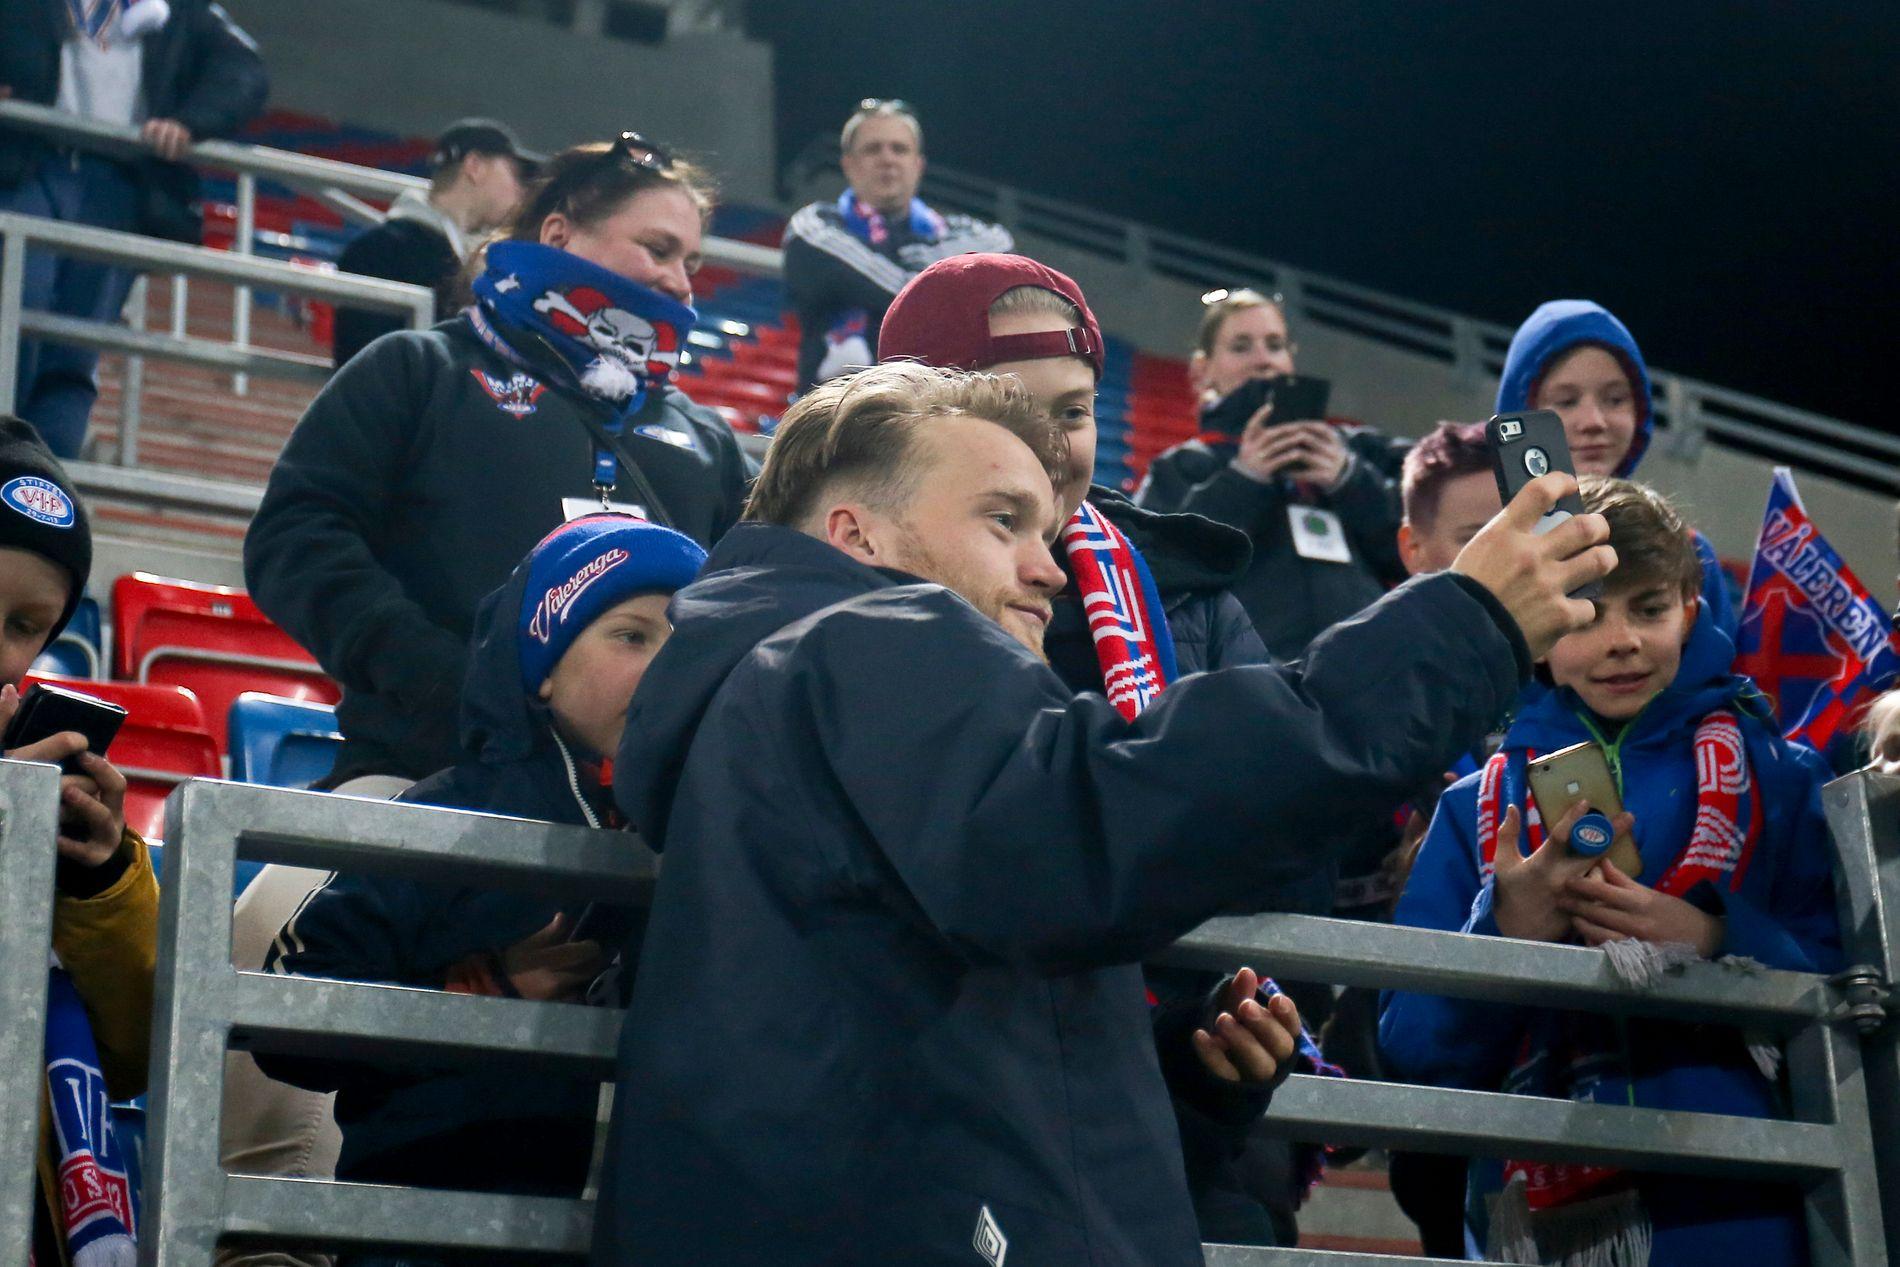 SELFIE-BÅRD: Fansen liker åpenbart Bård Finne. Her stiller han opp på selfies etter seieren over Tromsø.